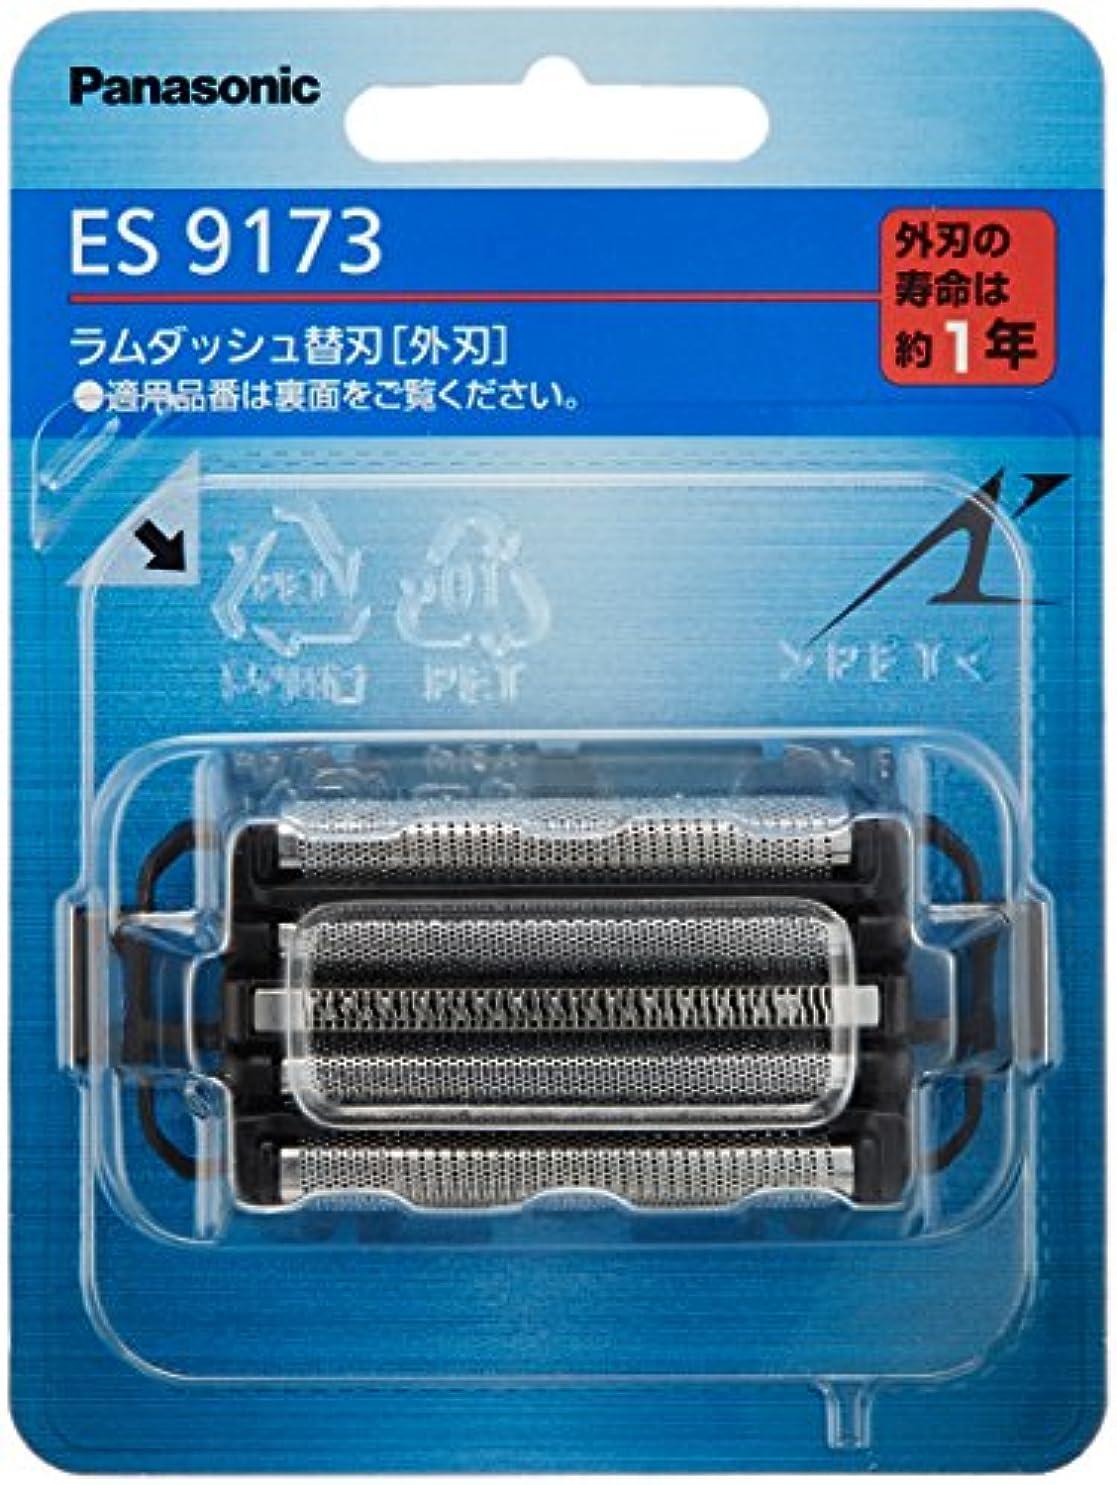 内向き器具一致するパナソニック 替刃 メンズシェーバー用 外刃 ES9173